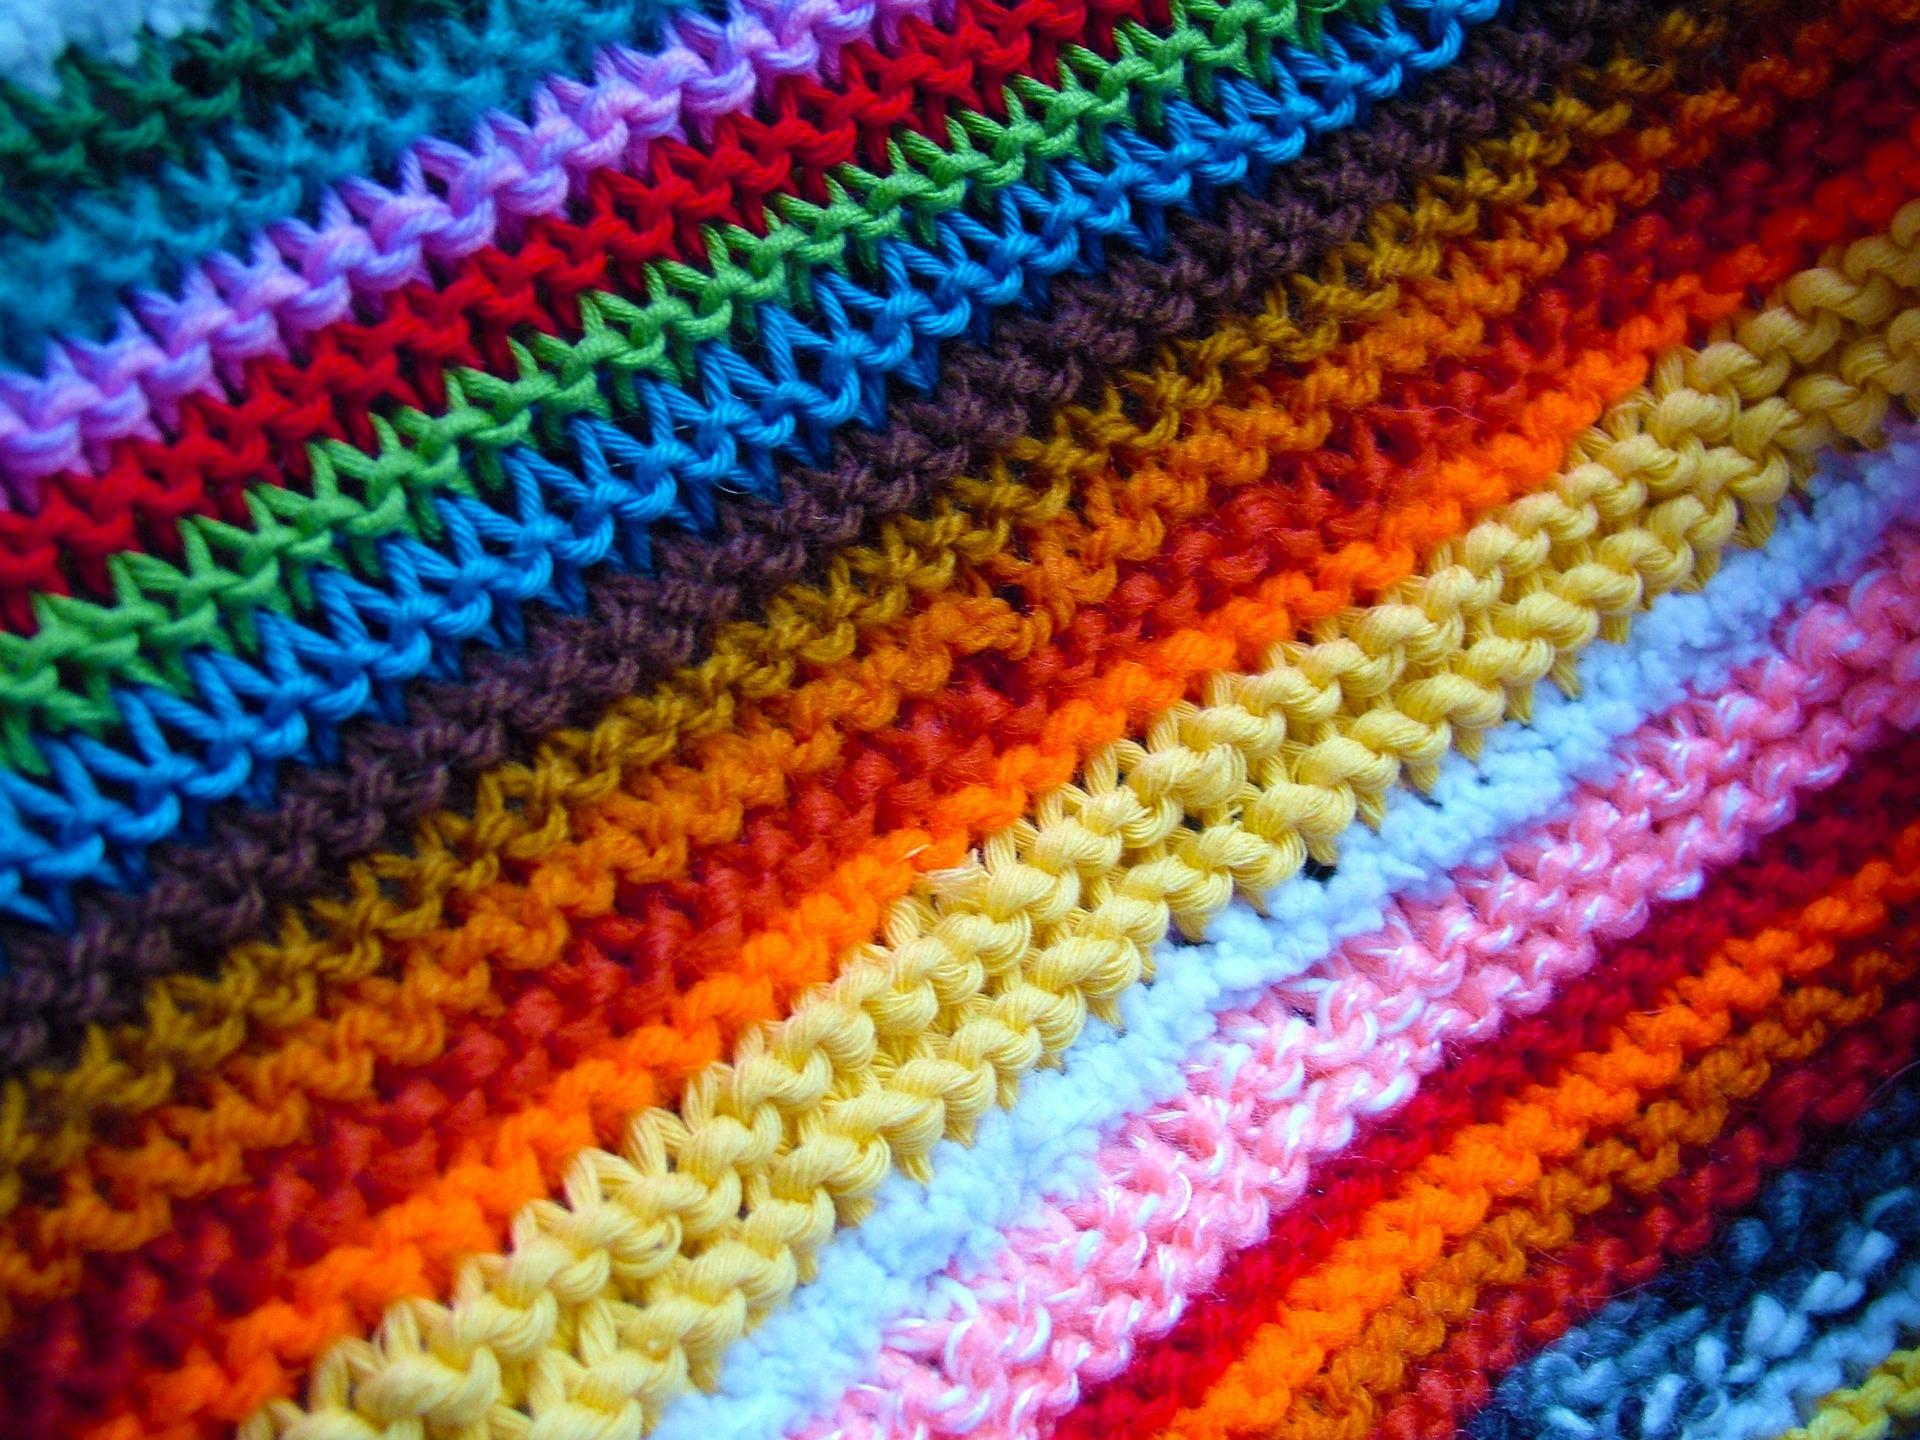 blanket-224367_1920.jpg